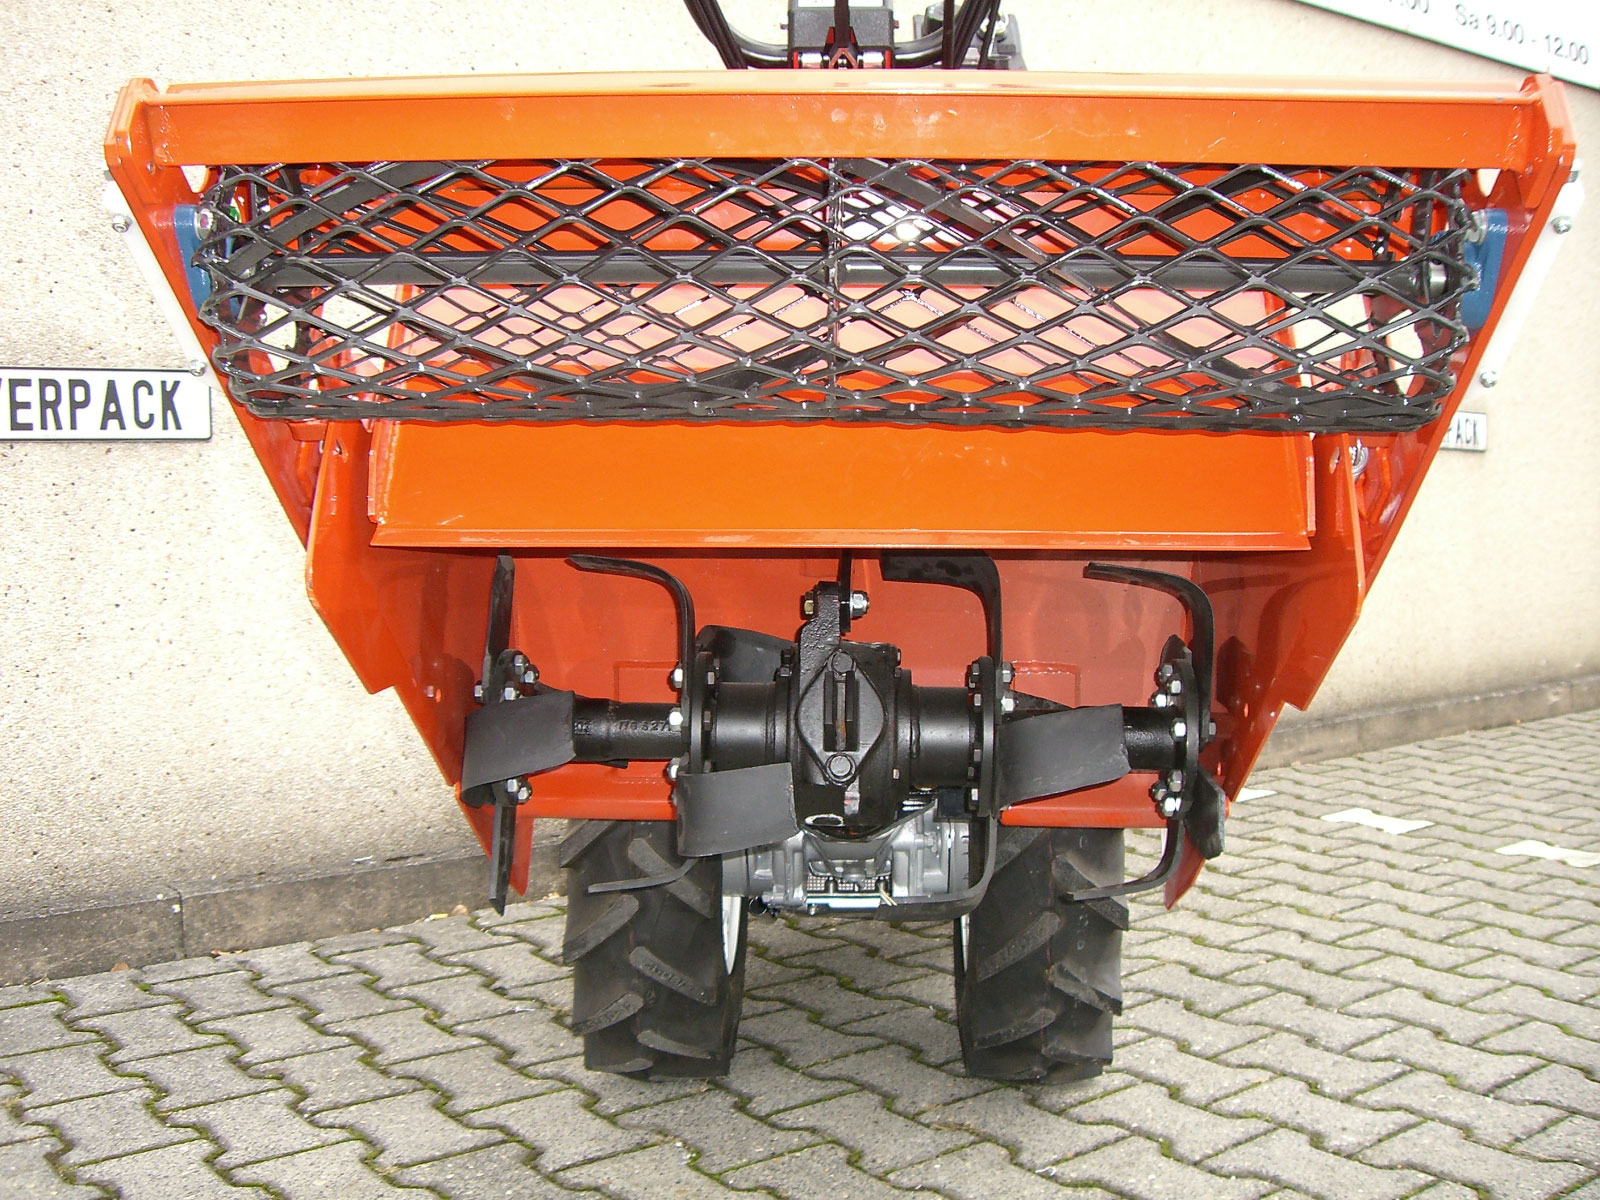 Powerpac Umkehrfräse für Einachser MAK17 Breite 66cm Bild 3